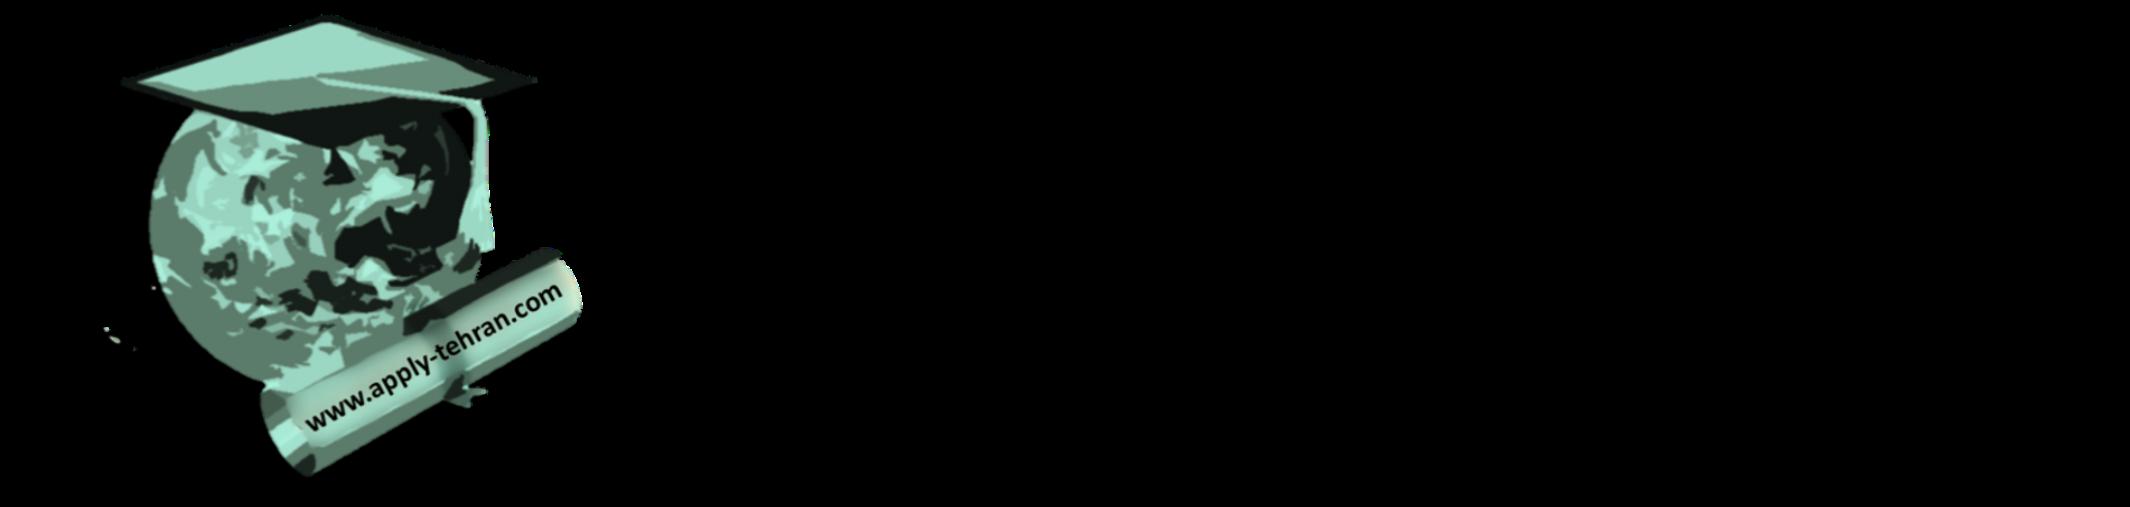 اپلای تهران نگارش و تصحیح انگیزه نامه SOP یا Statement of Purpose ، سی وی CV یا Curriculum Vitae ، رزومه انگلیسی Resume ، توصیه نامه  Letter of Recommendation، کاور لتر Cover Letter، بیانیه علایق پژوهشی SRI یا Statement of Research Interest ، متن ایمیل به اساتید و ویرایش مقالات انگلیسی جهت اخذ پذیرش تحصیلی و اپلای